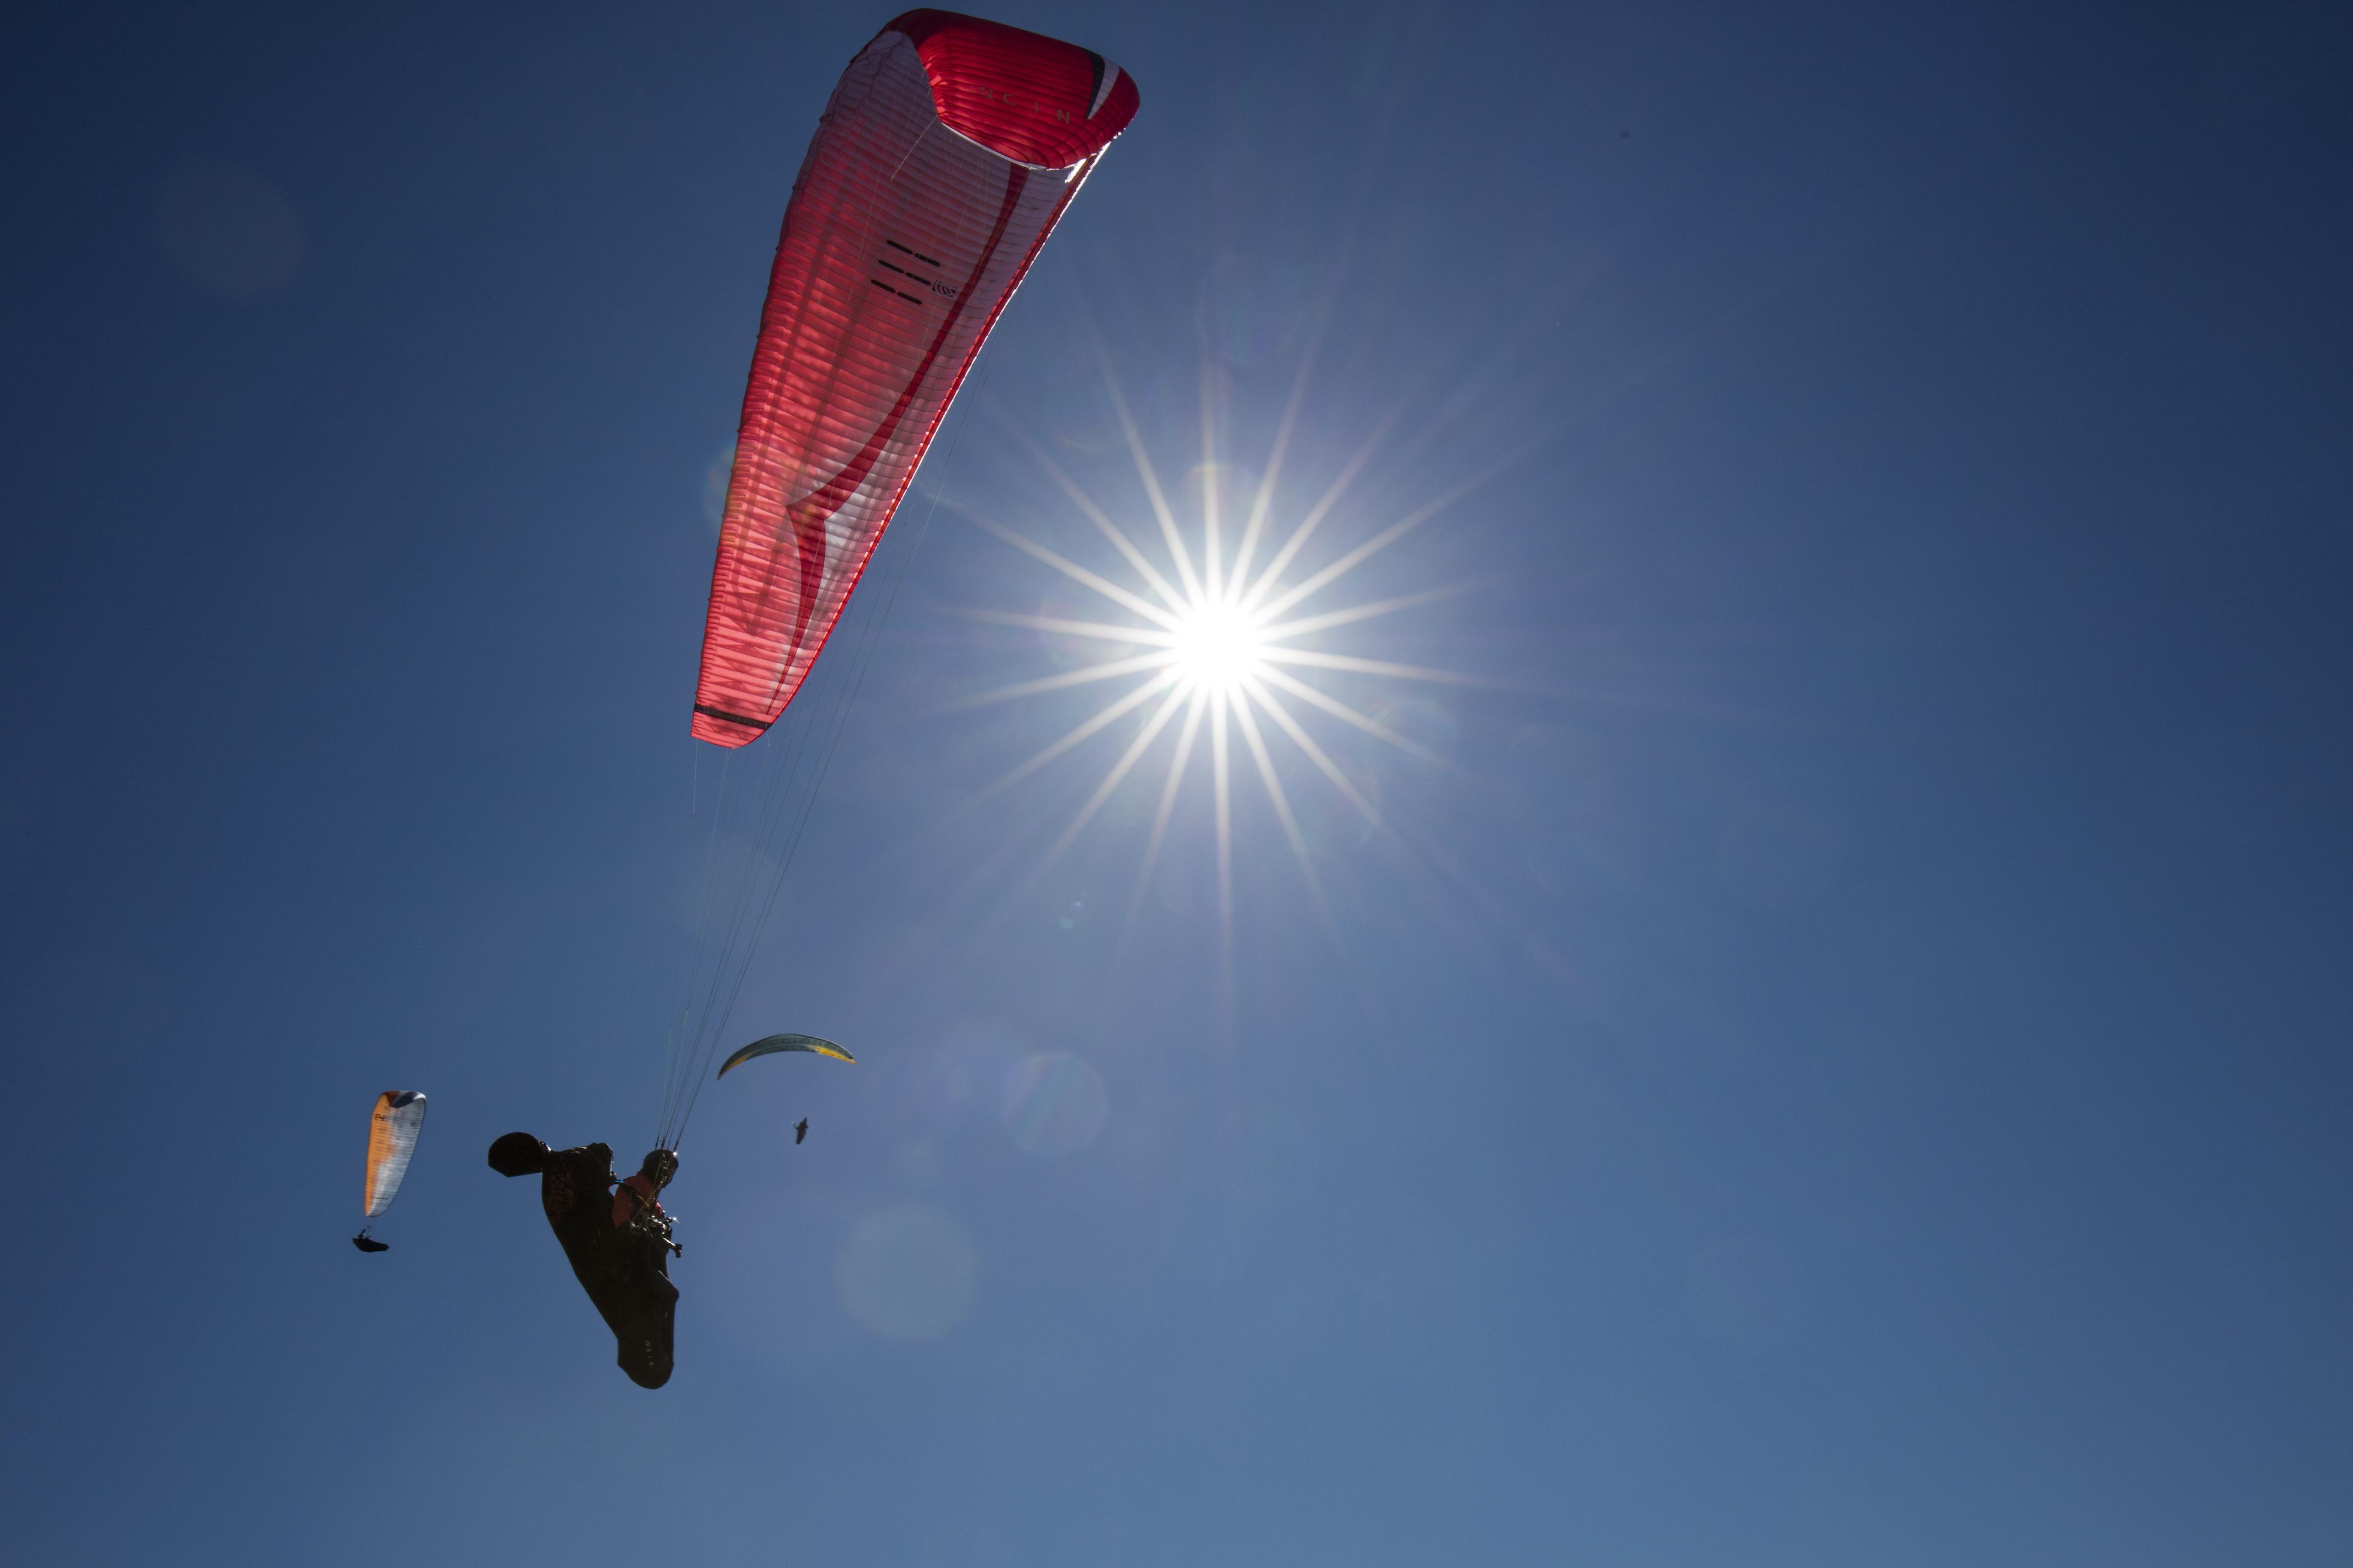 Paragliding_Fiesch20_115_MS_8171 2